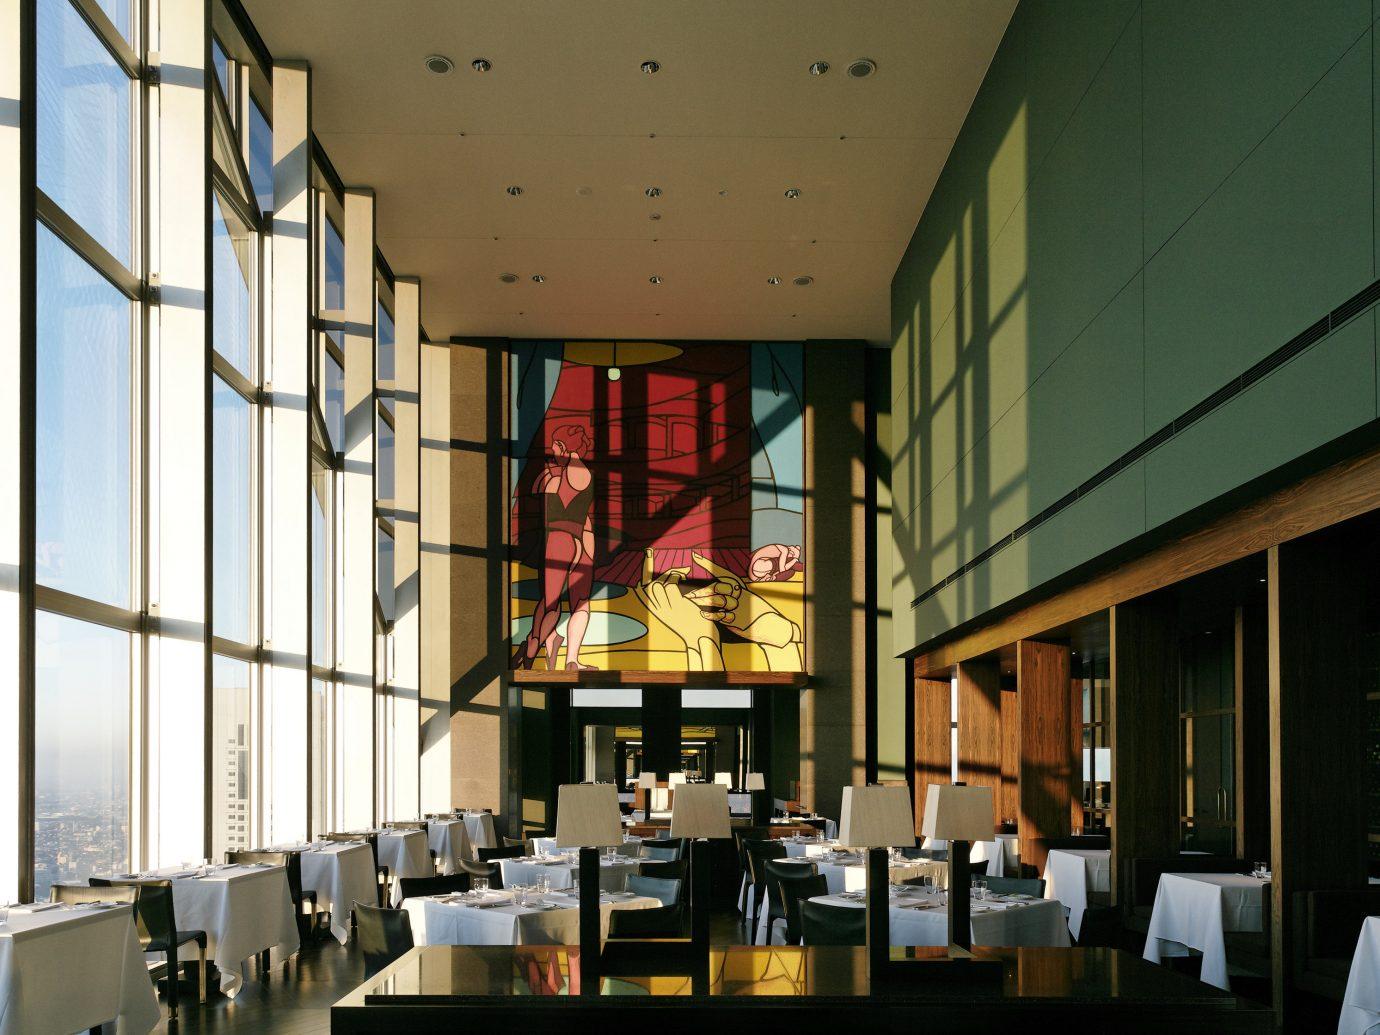 building indoor Architecture interior design restaurant Lobby lighting Design